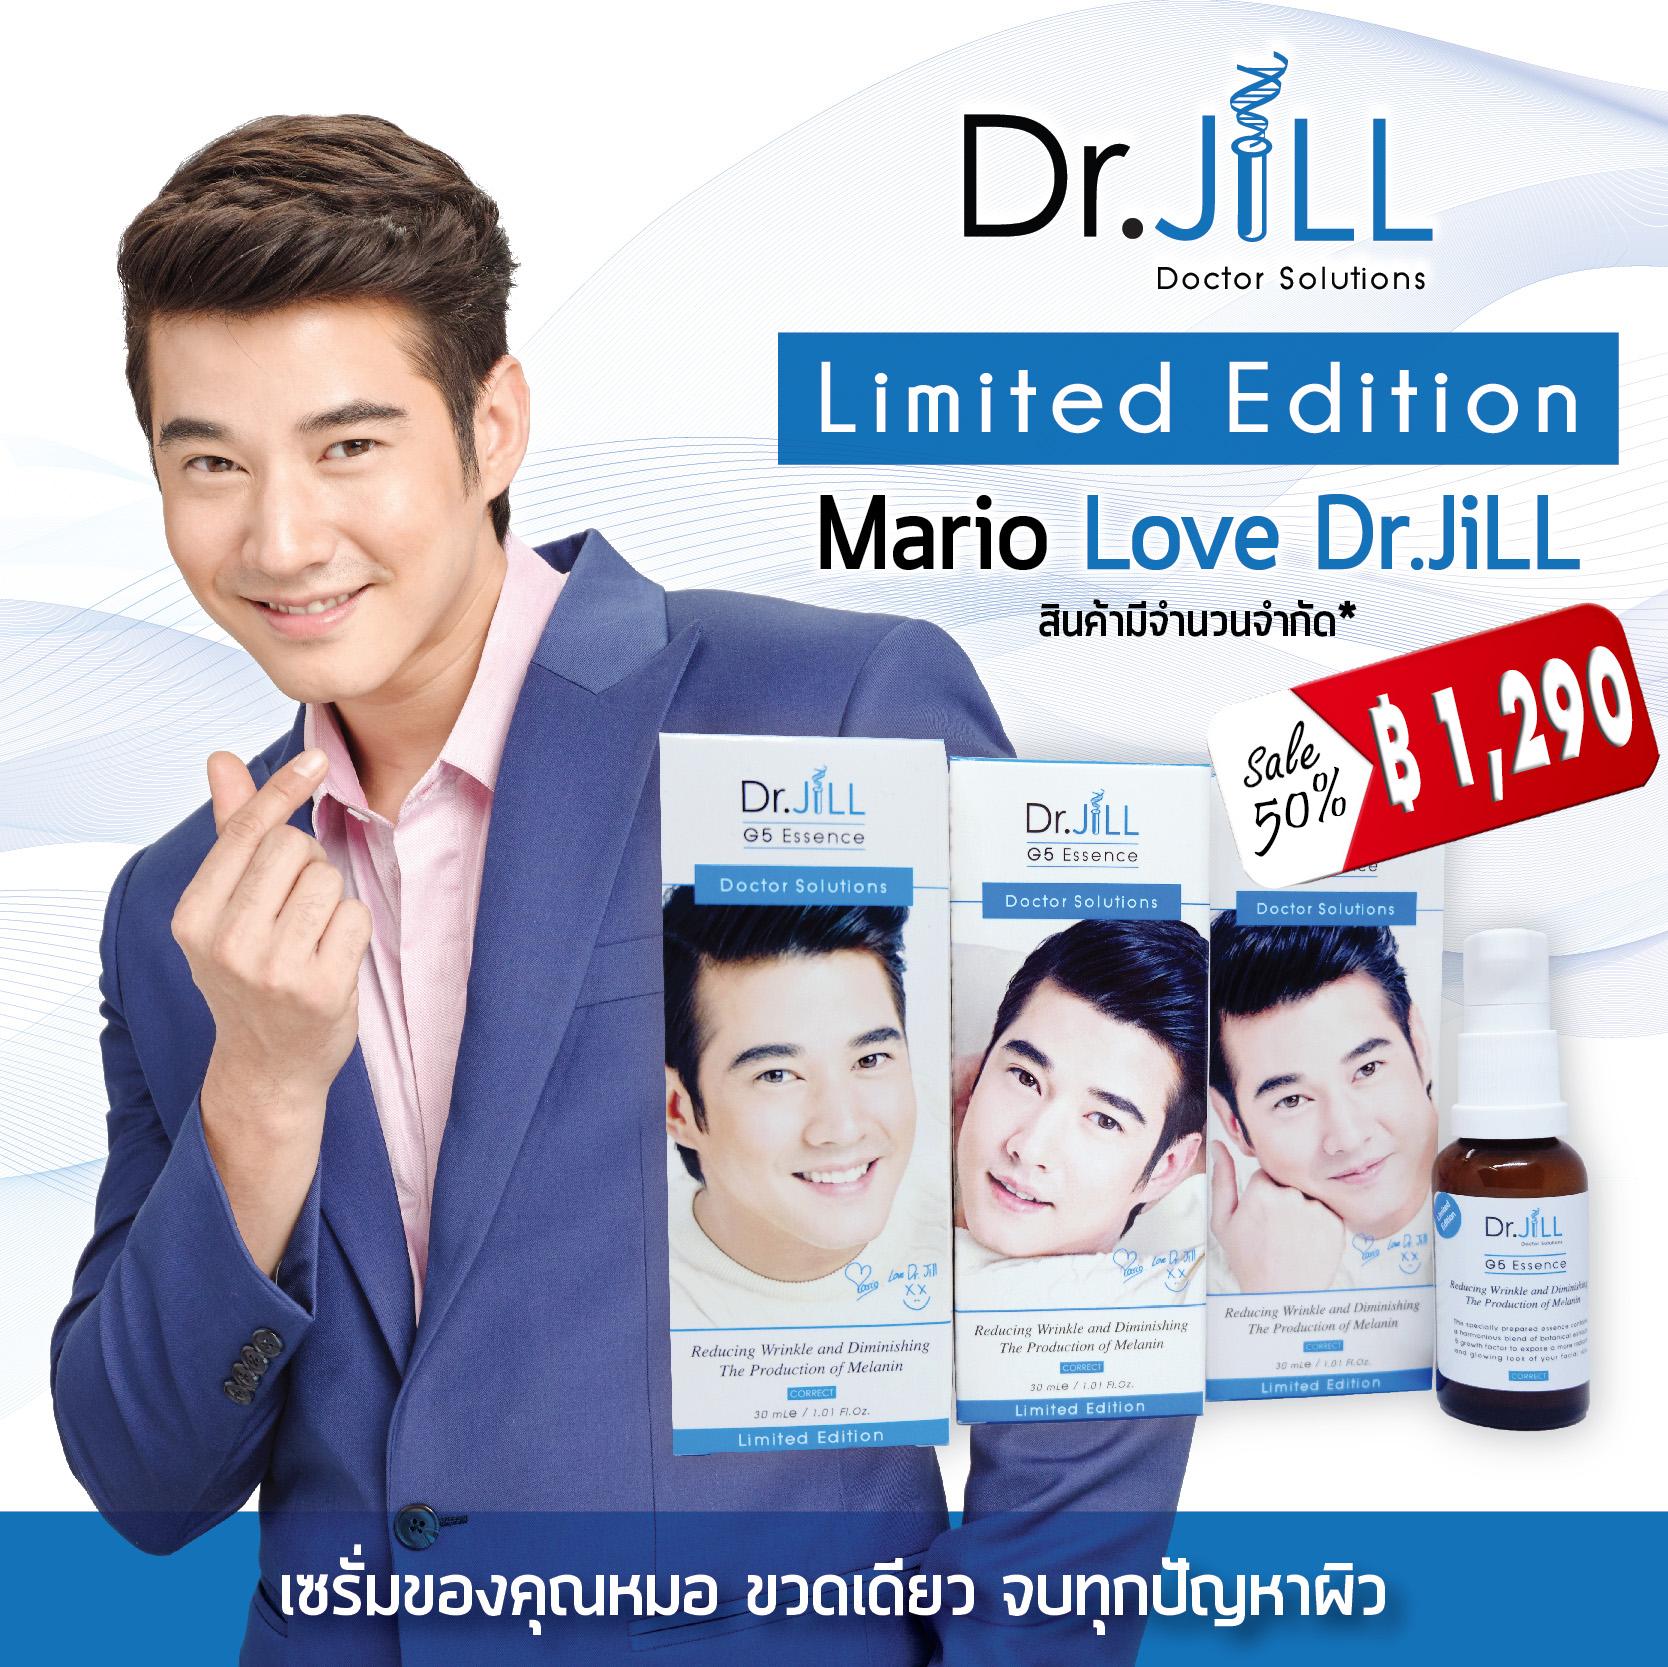 Dr.JiLL G5 Essence ด๊อกเตอร์จิล จี 5 เอสเซ้นส์น้ำนม ผิวกระจ่างใส ลดเลือนริ้วรอย 97%